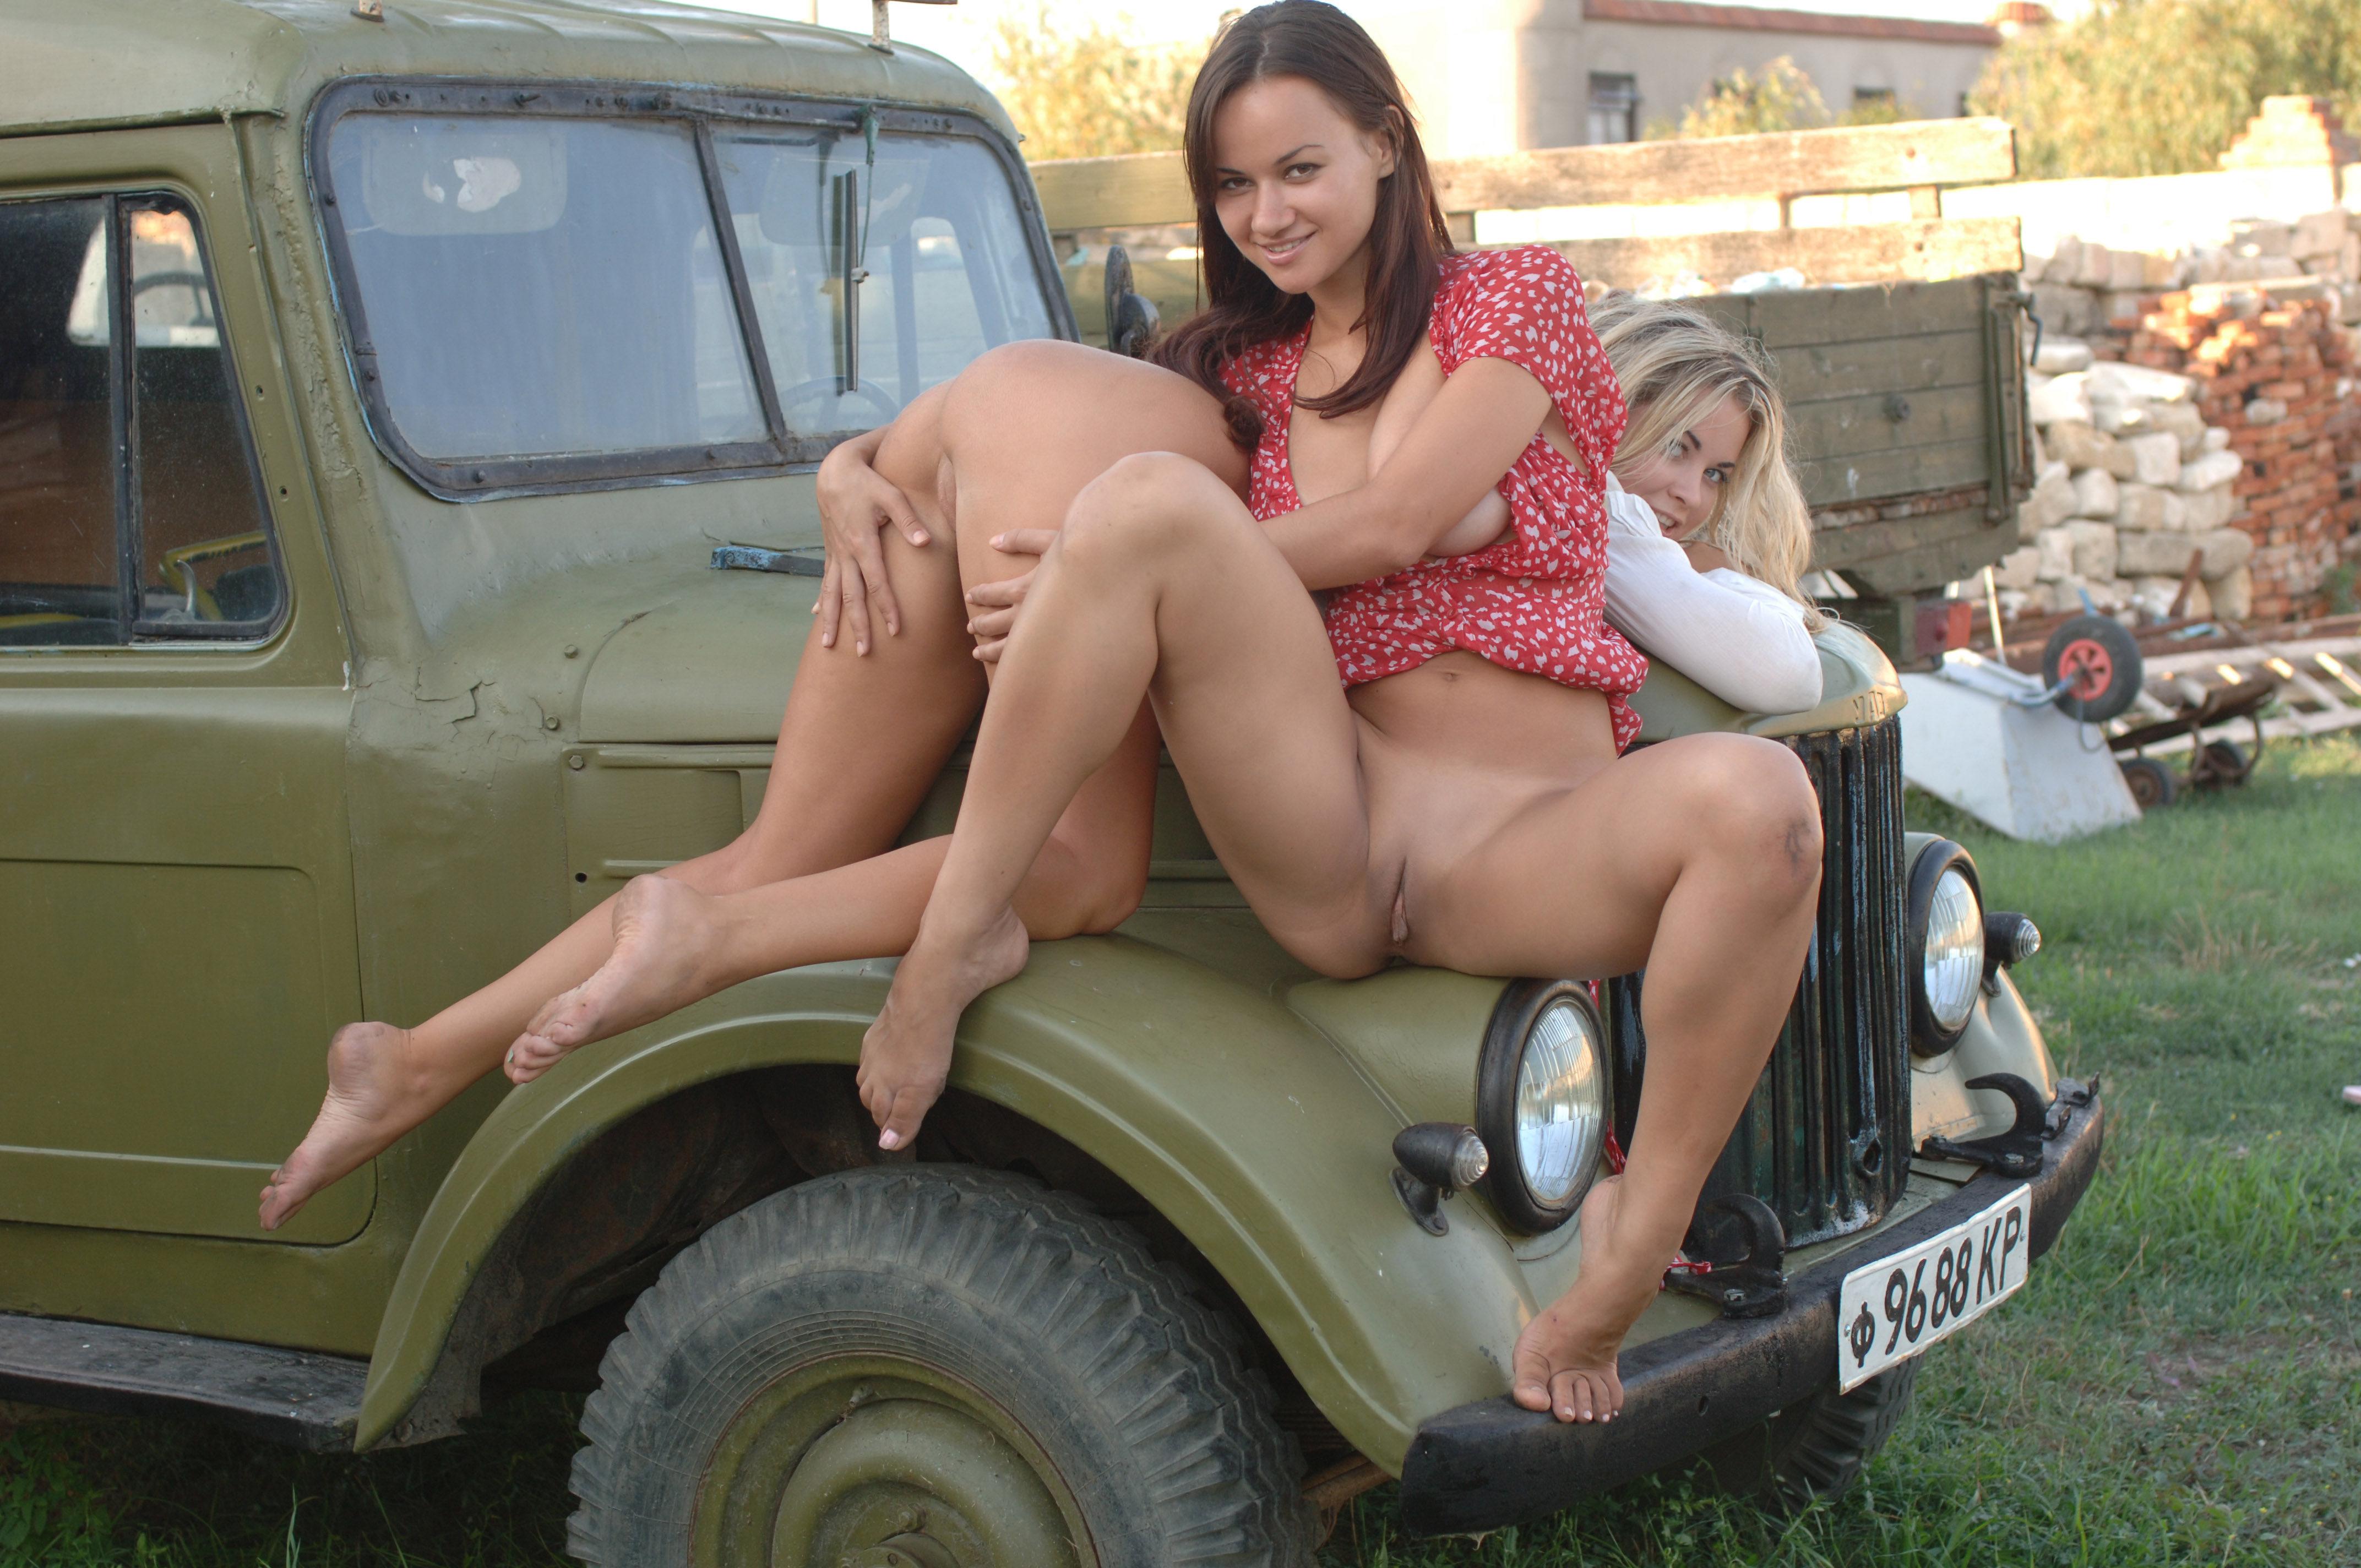 Секс и трактор, Порно: Фермер трахнул блондинку на своем тракторе 8 фотография